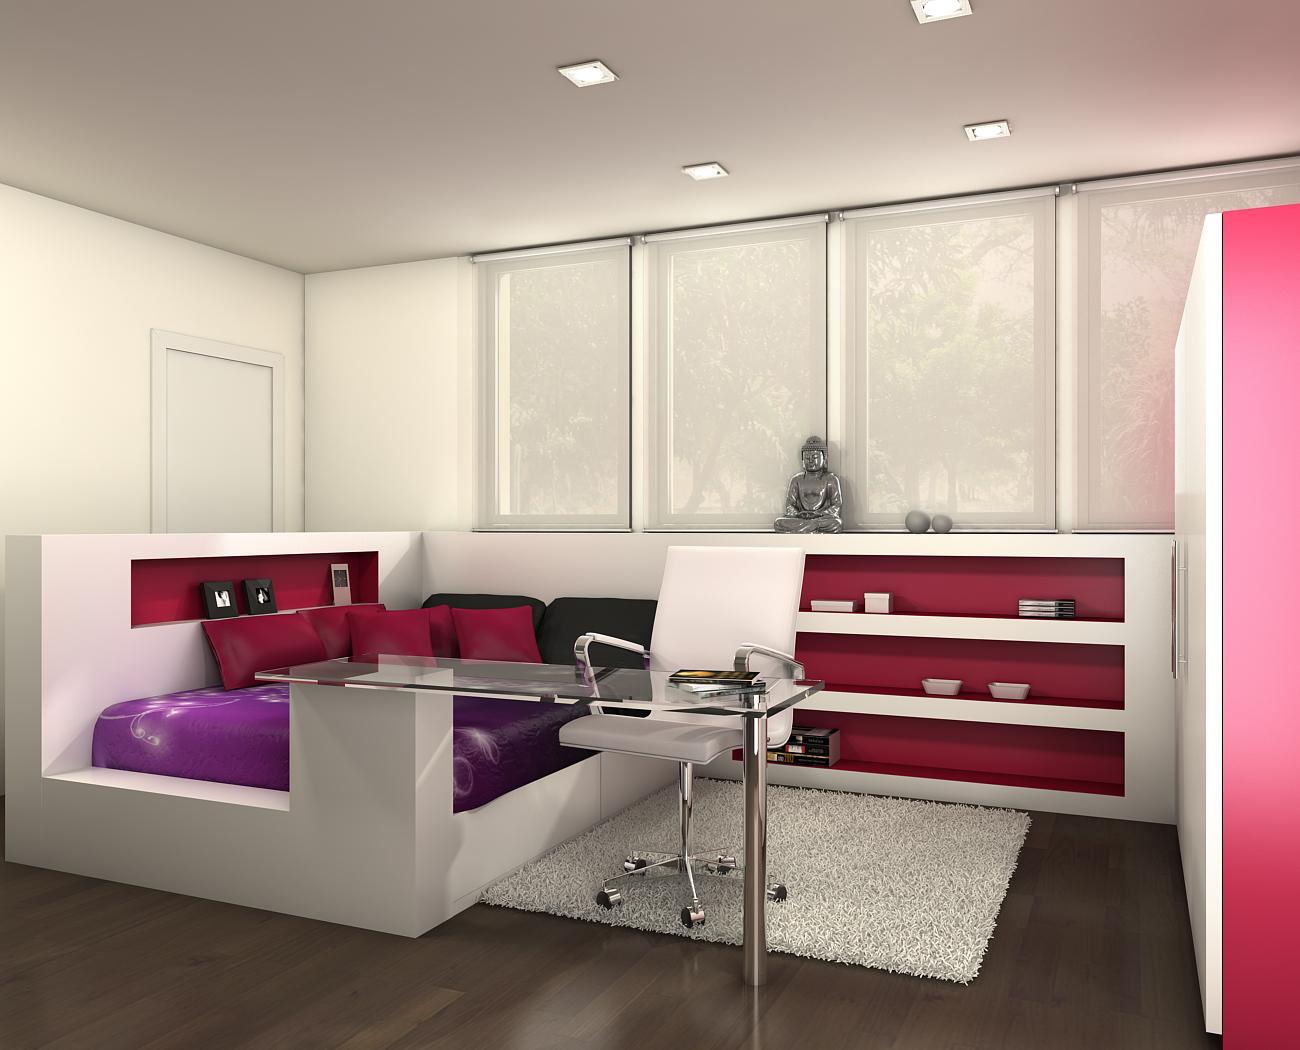 Atrezzo 3d habitaciones juveniles - Diseno habitaciones juveniles ...